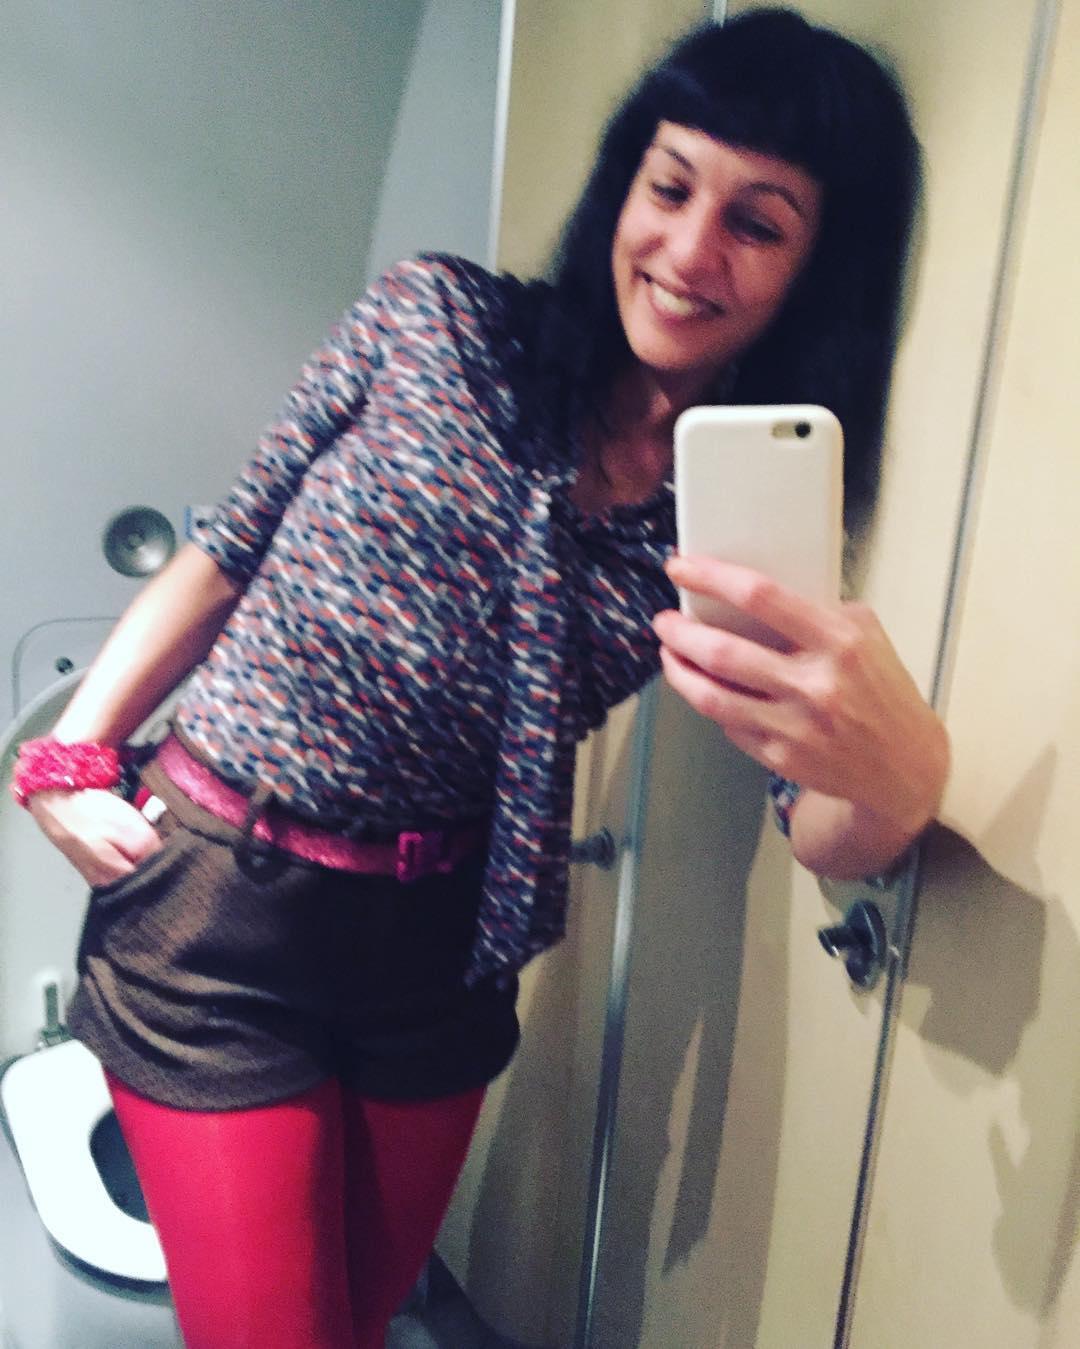 Qué cómoda he viajado en tren con mis shorts de @snobiliaire y con la blusa de libélulas hemos llegado volando ;)) #ropaparagentequelee #ropaparagentequeescribe #amillspublicwc